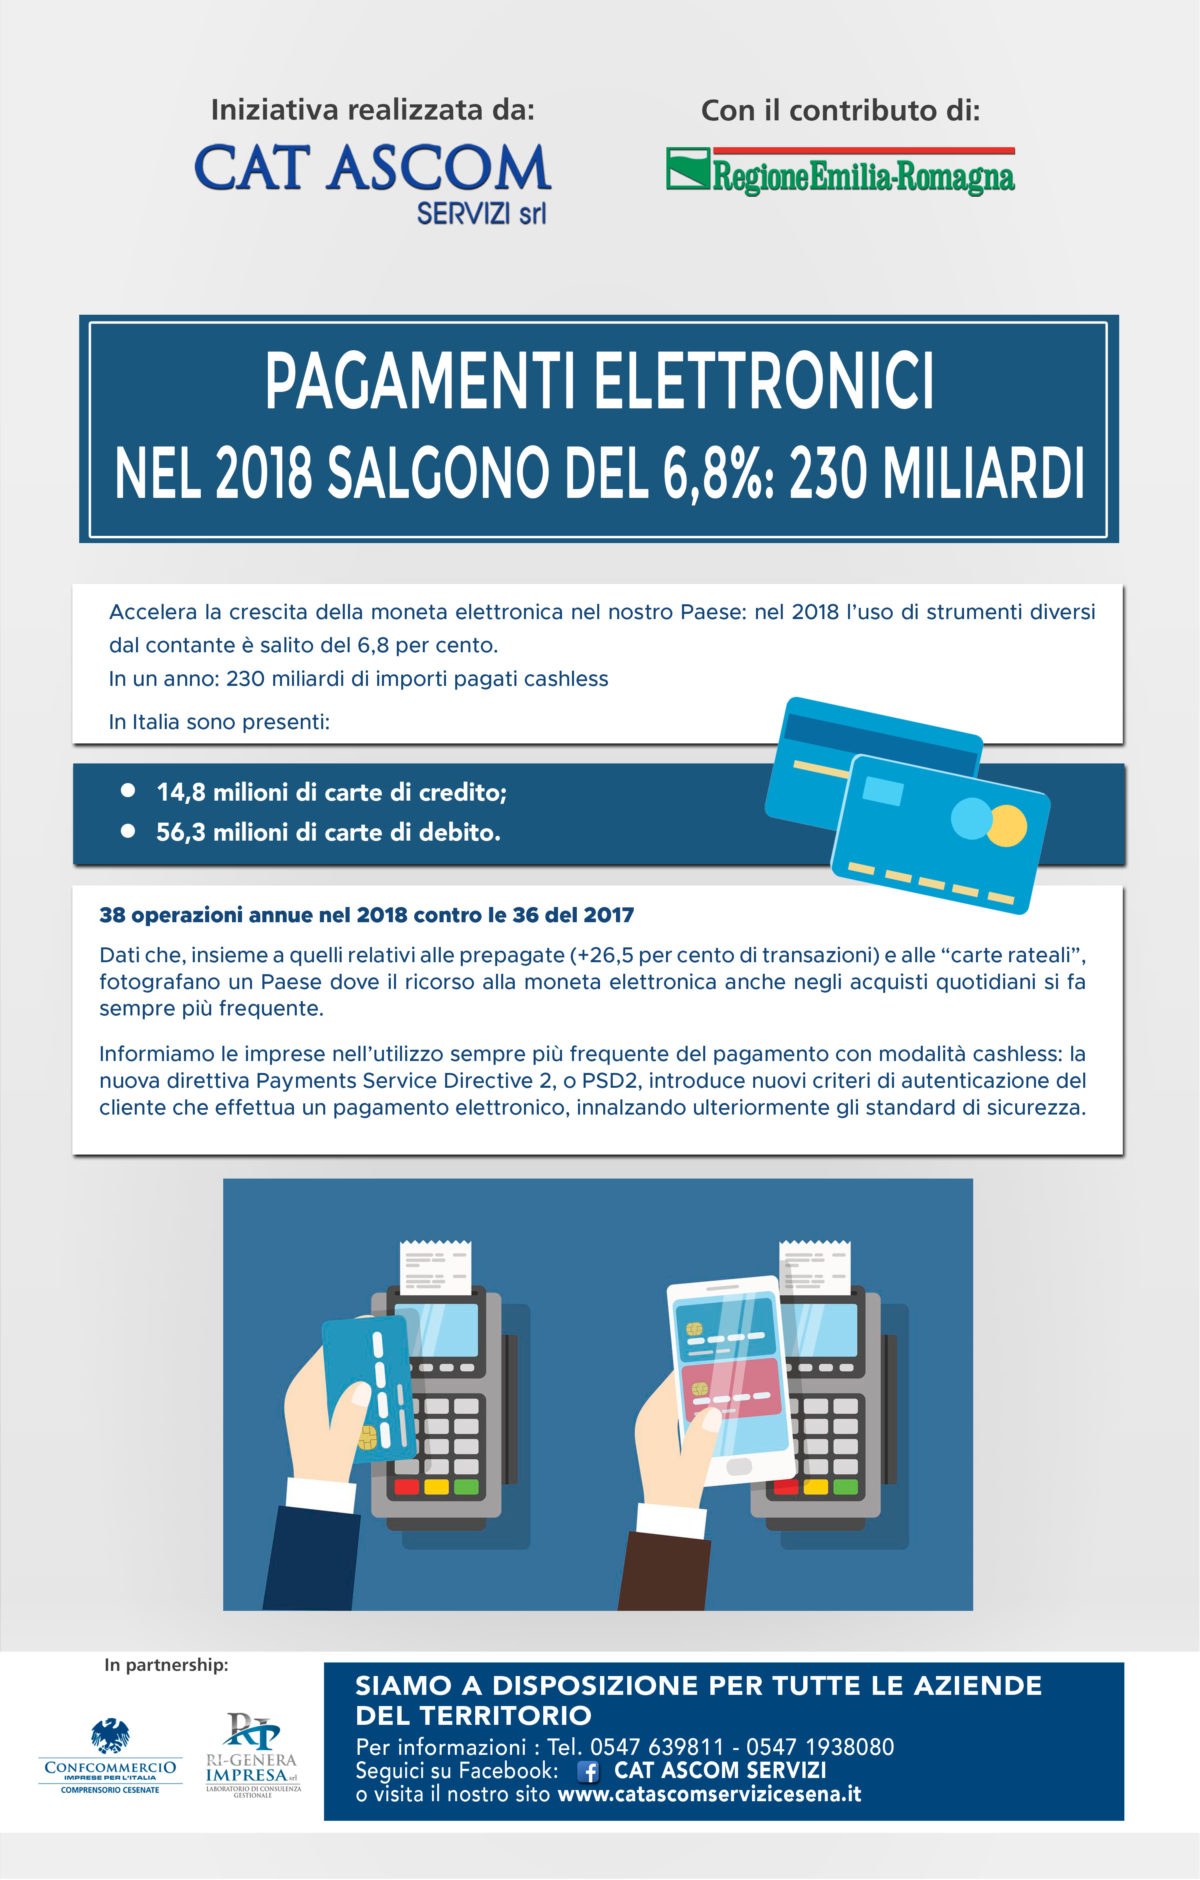 PAGAMENTI ELETTRONICI NEL 2018 SALGONO DEL 6,8%: 230 MILIARDI